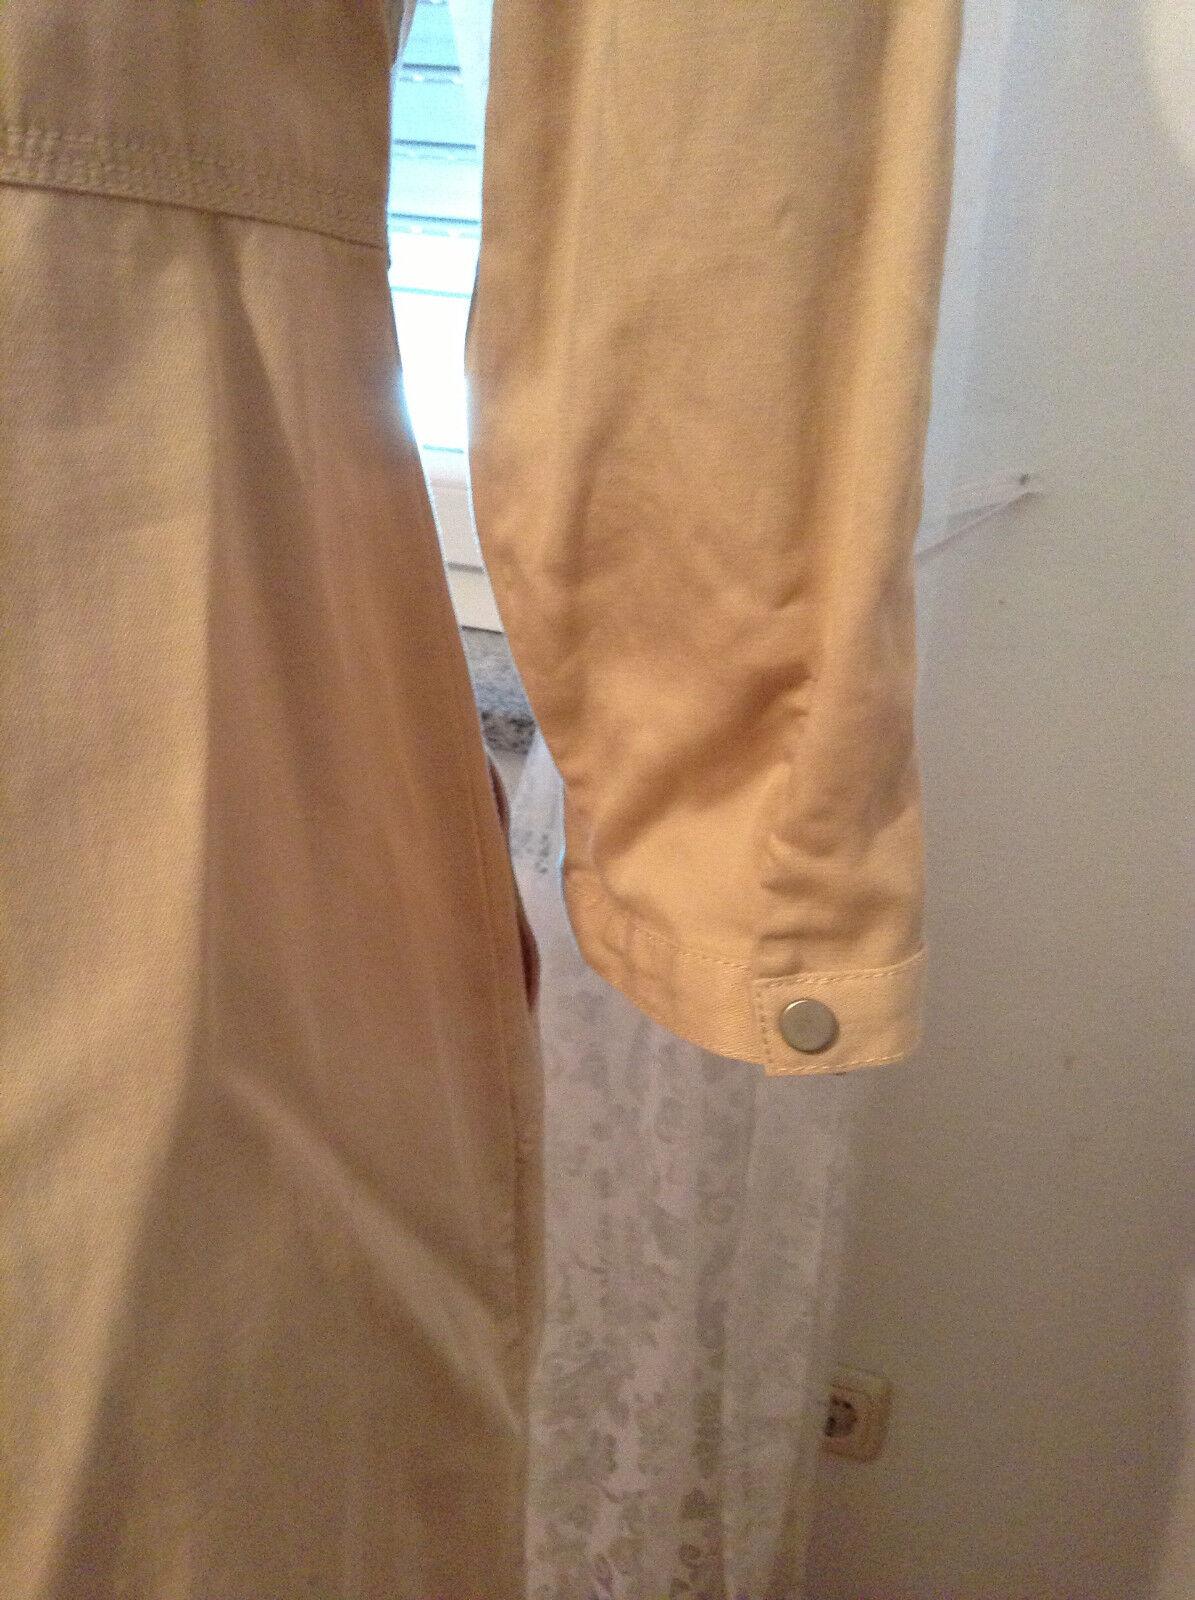 Kleid von Jean Jean Jean Paul Berlin Gr. 36 NEU mit Etikett VP 189,-   | Nutzen Sie Materialien voll aus  | Deutschland Outlet  | Beliebte Empfehlung  8aa14f